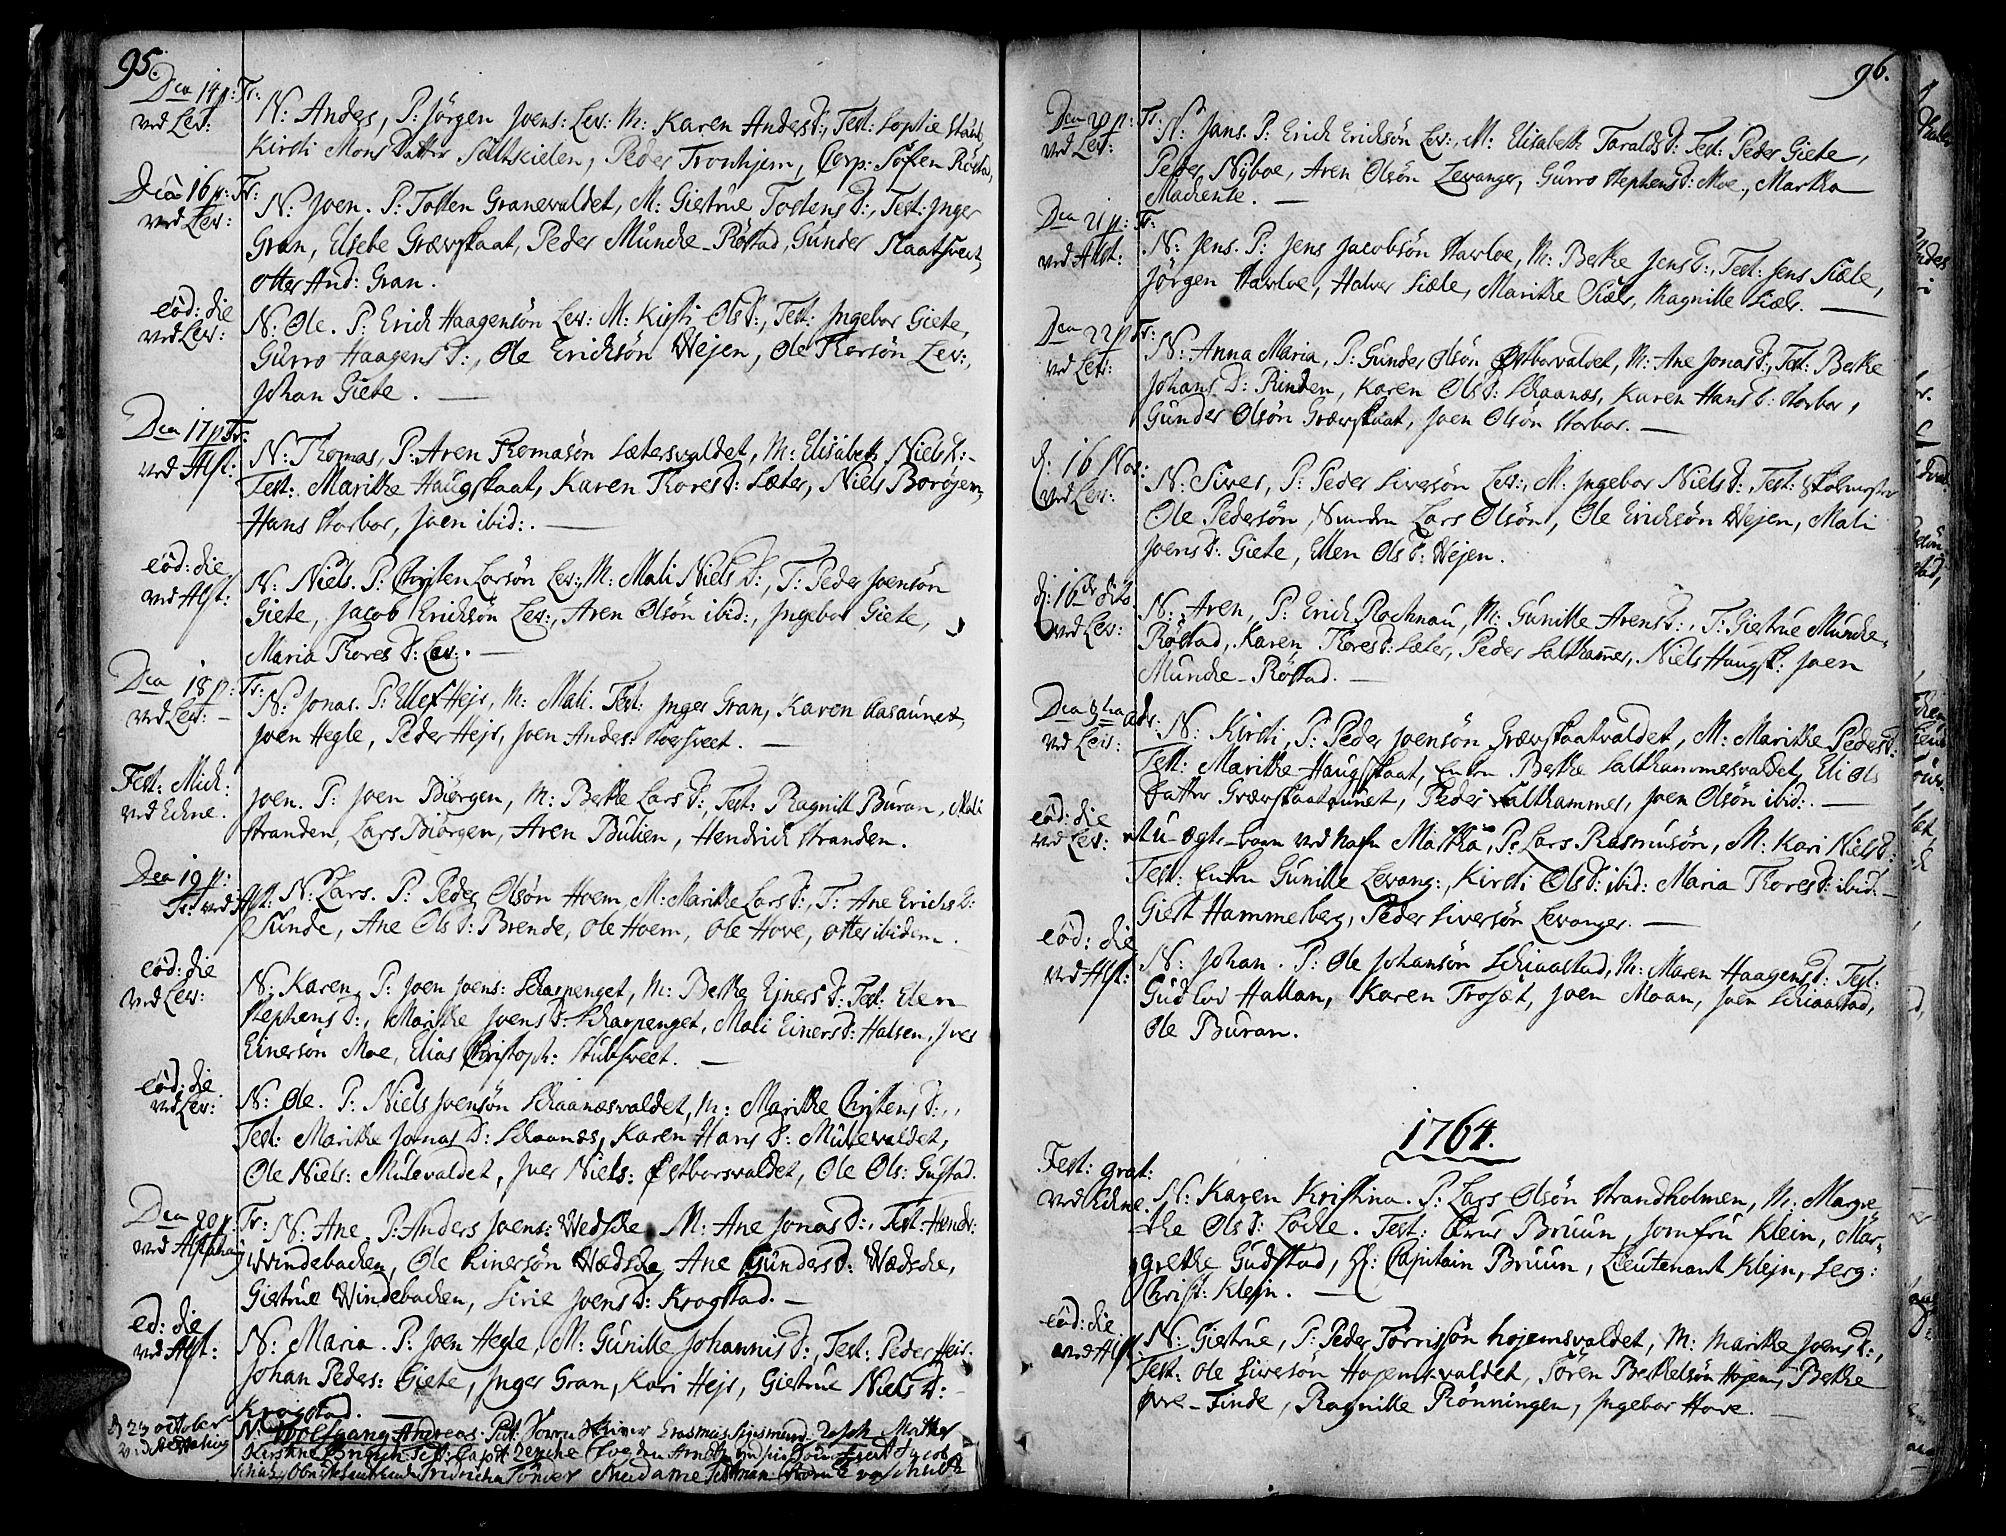 SAT, Ministerialprotokoller, klokkerbøker og fødselsregistre - Nord-Trøndelag, 717/L0141: Ministerialbok nr. 717A01, 1747-1803, s. 95-96